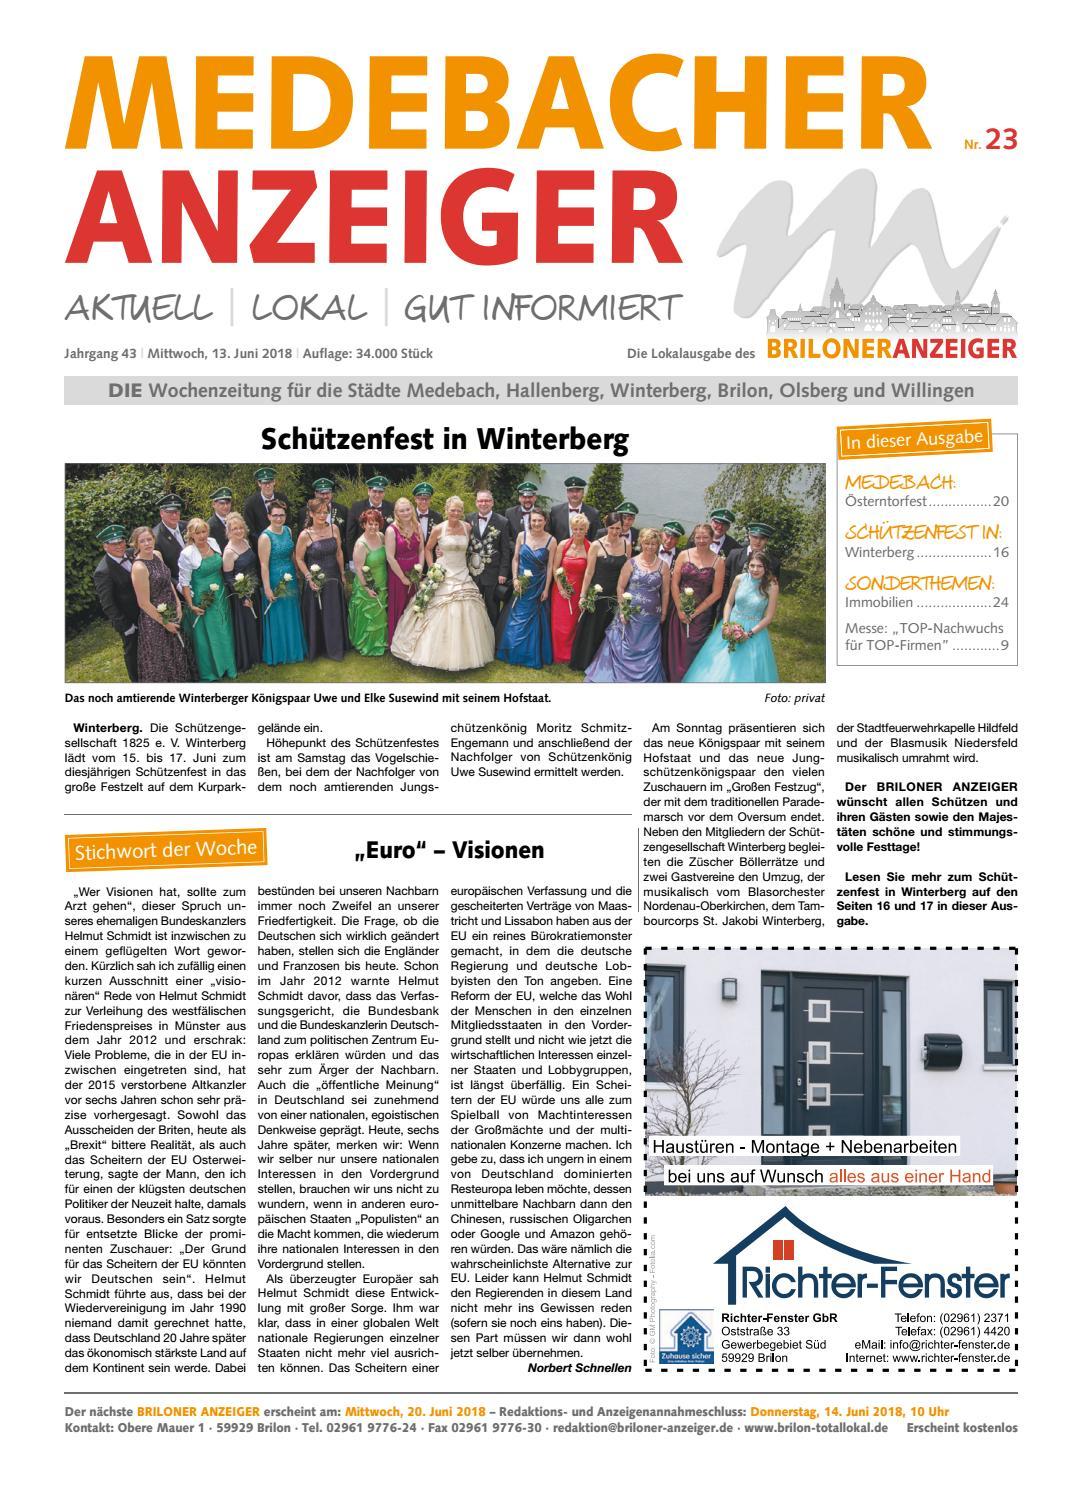 Medebacher Anzeiger Ausgabe vom13.06.2018 Nr.23 by Brilon-totallokal - issuu